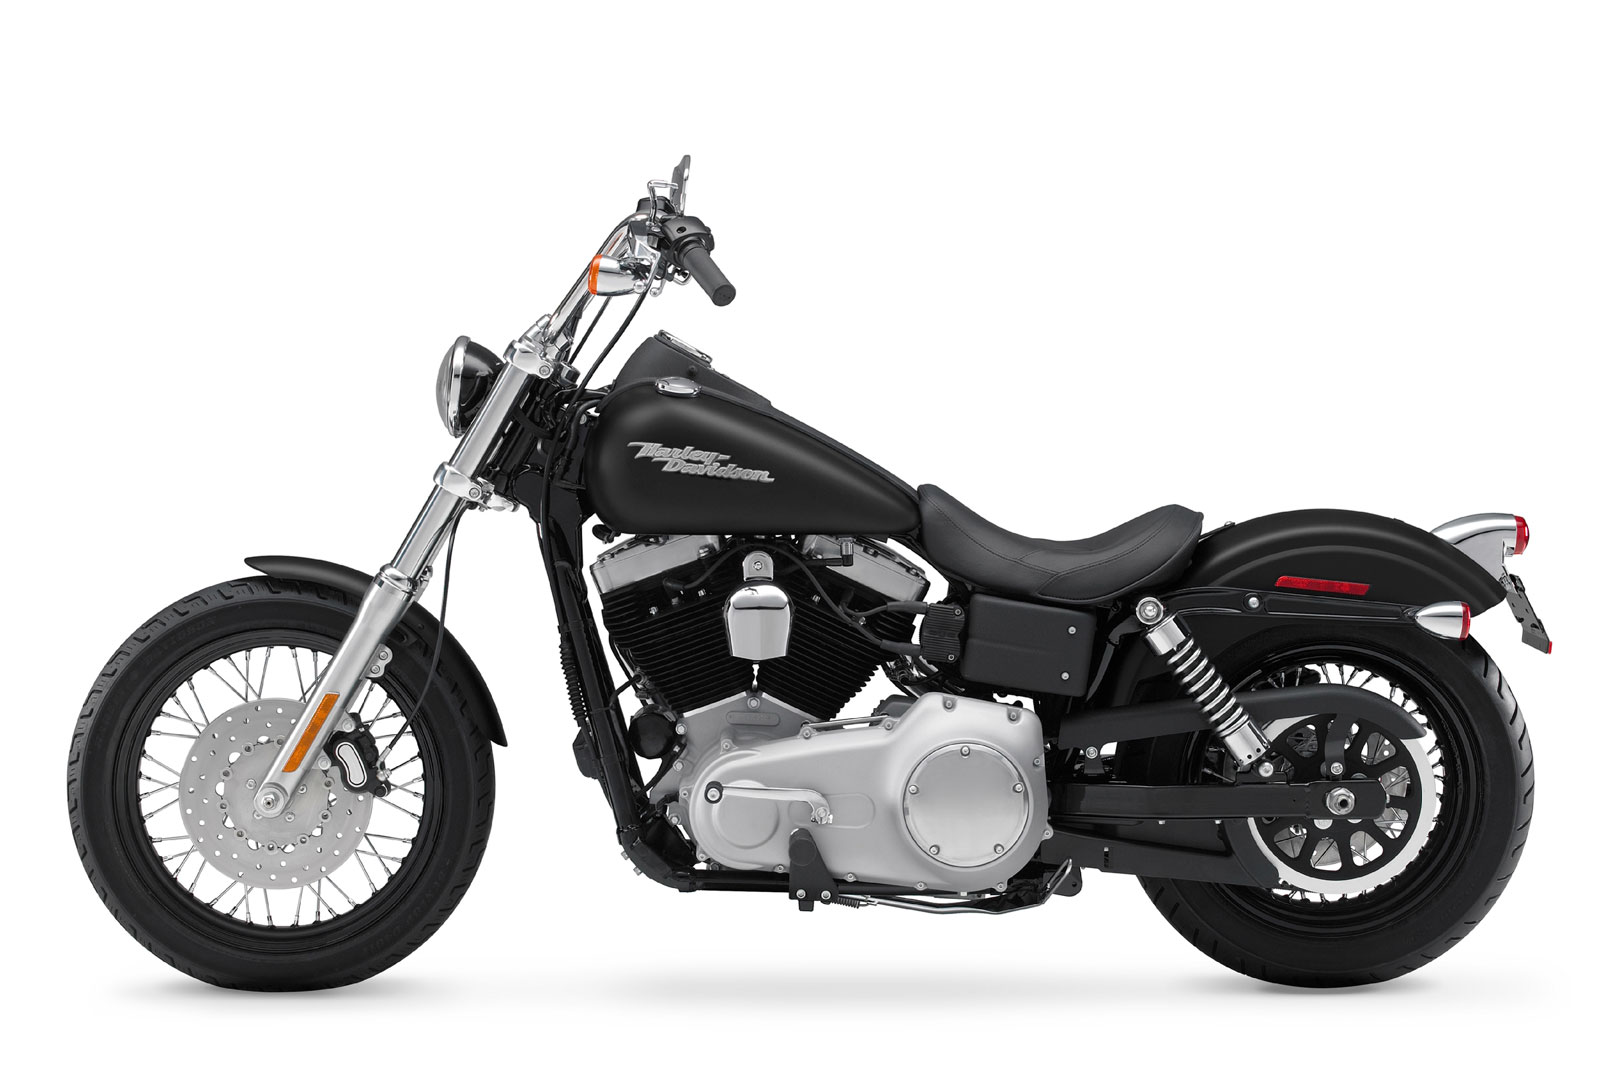 2009 Harley Davidson Deluxe Wiring Diagram Detailed Schematics 1990 Softail Fxdb Dyna Street Bob